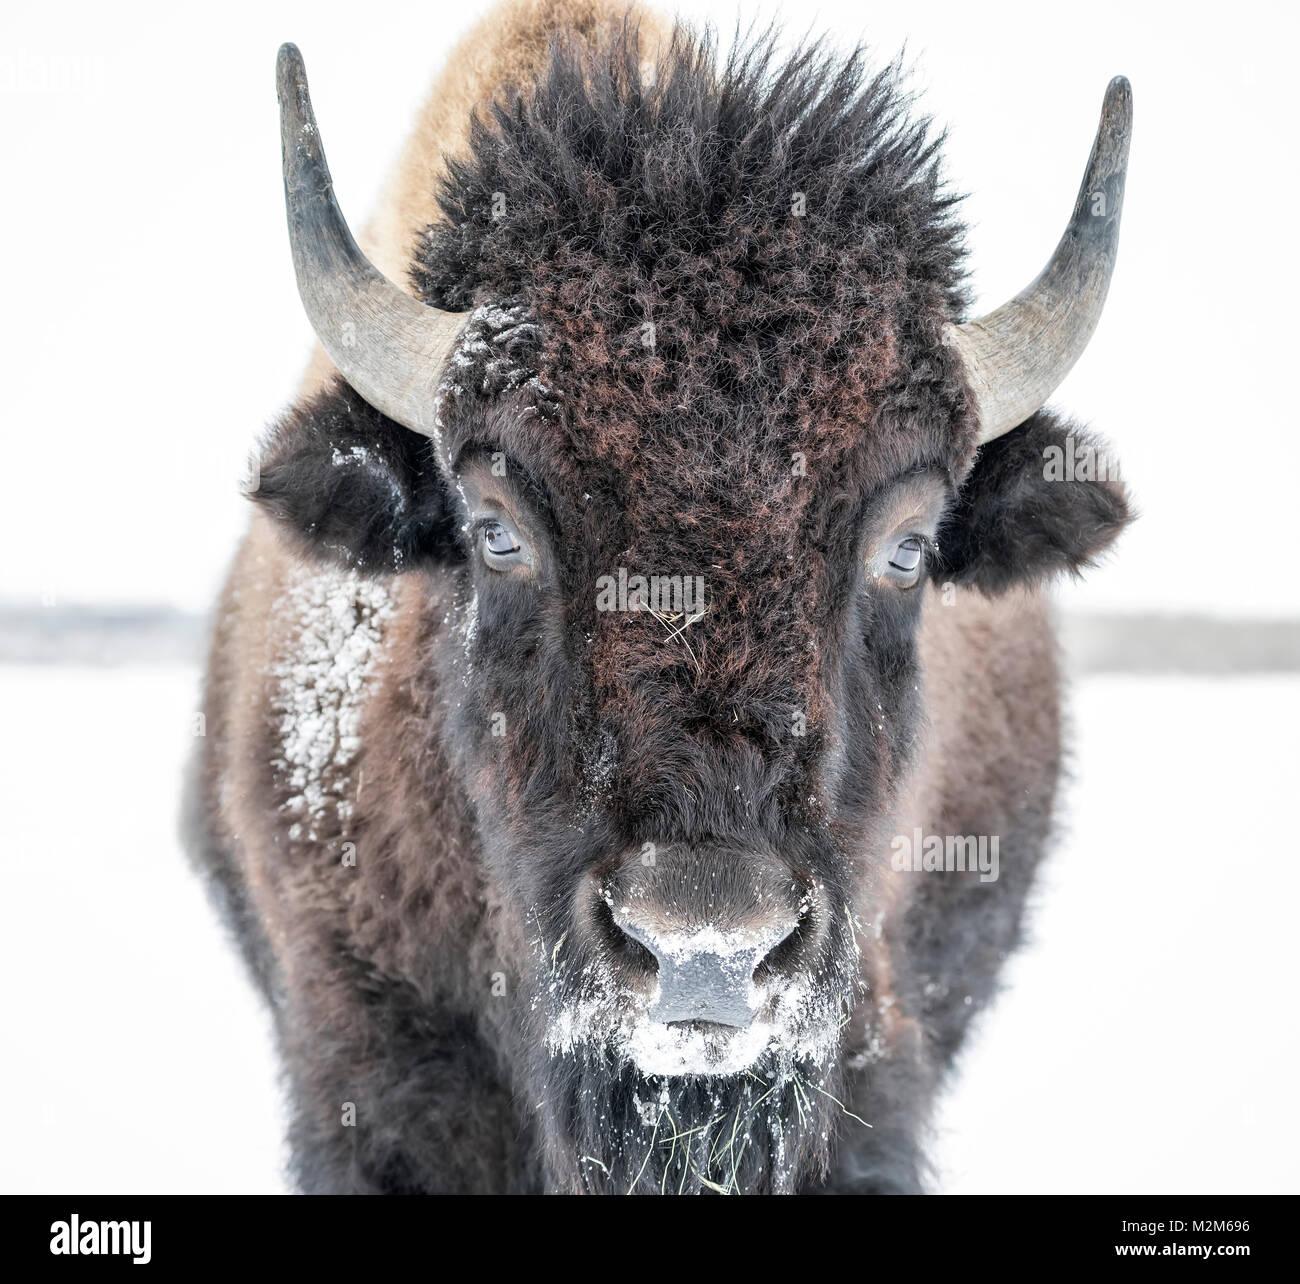 Le bison des plaines (Bison bison bison) ou American Buffalo, en hiver, le parc national du Mont-Riding, Manitoba, Banque D'Images